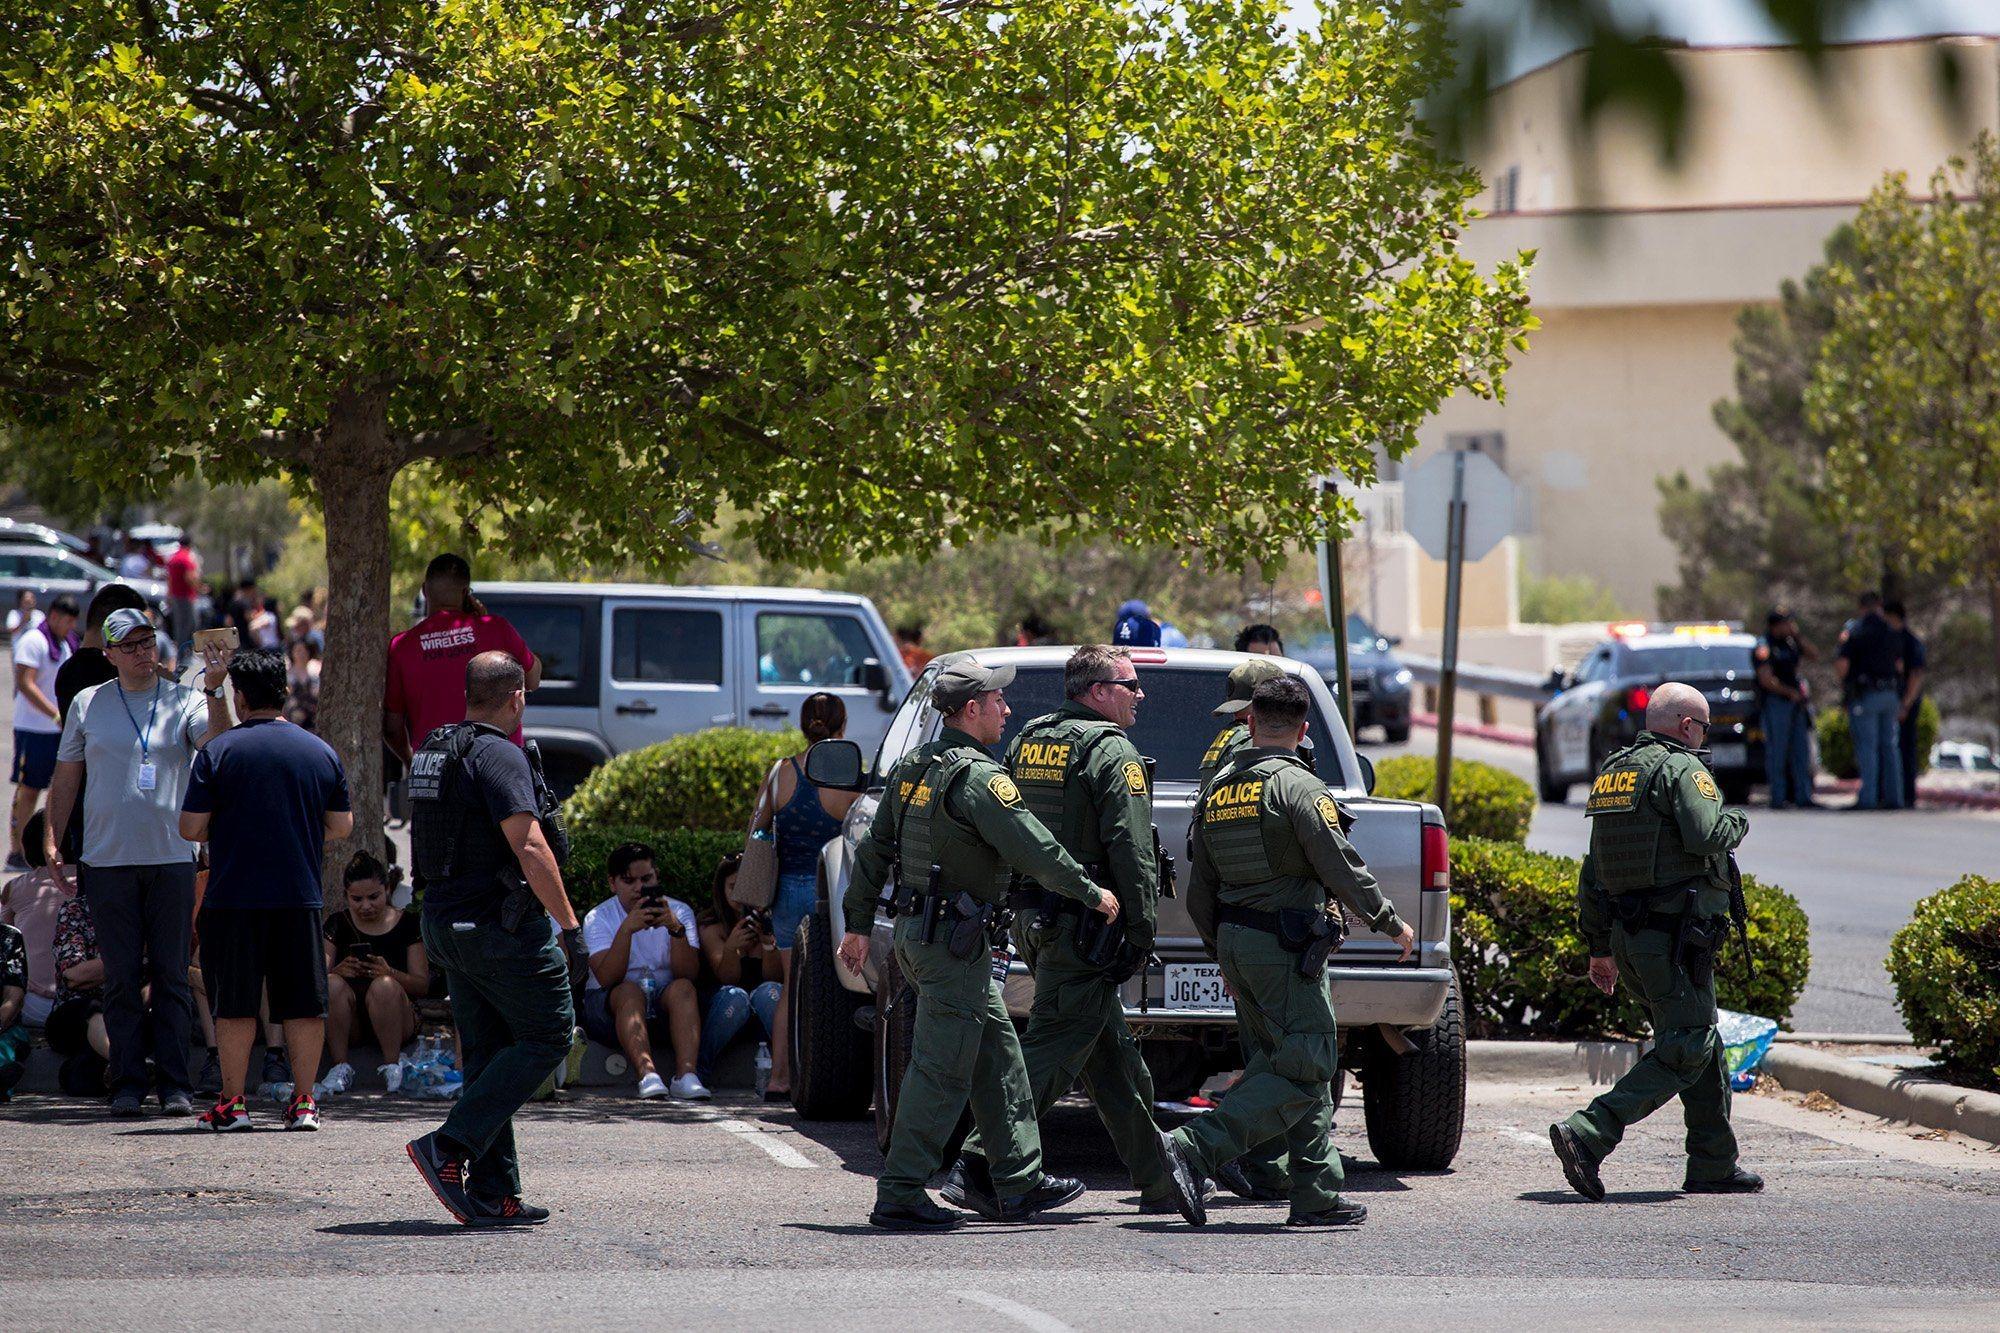 SHBA, sulm me armë zyrave të anti-emigracionit në Teksas